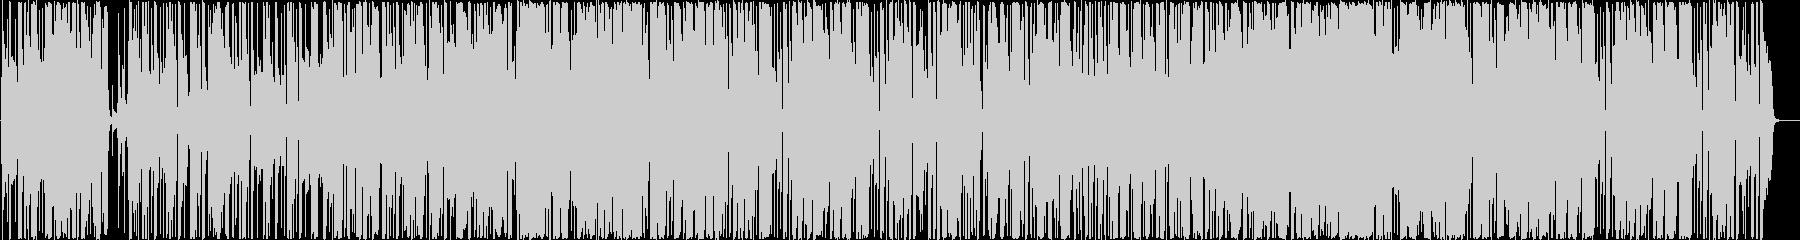 ハウスロック仕立てのガットギターサウンドの未再生の波形